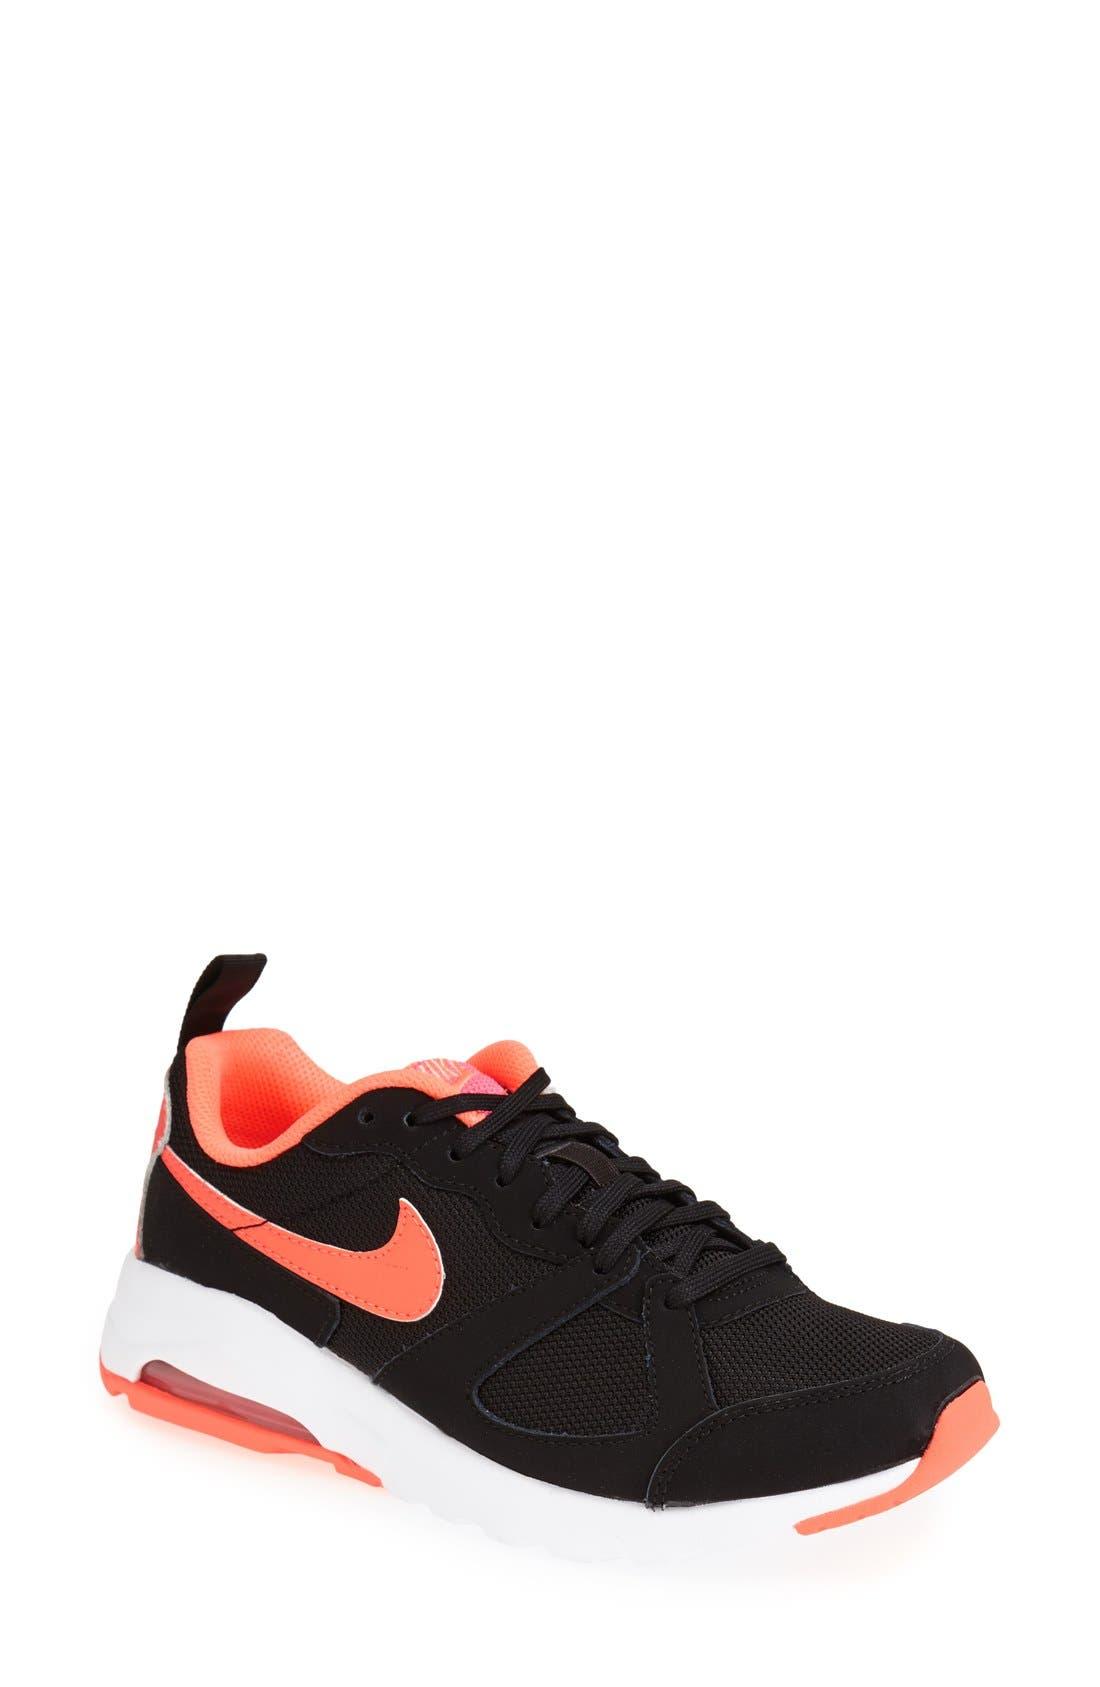 Alternate Image 1 Selected - Nike 'Air Max - Muse' Sneaker (Women)